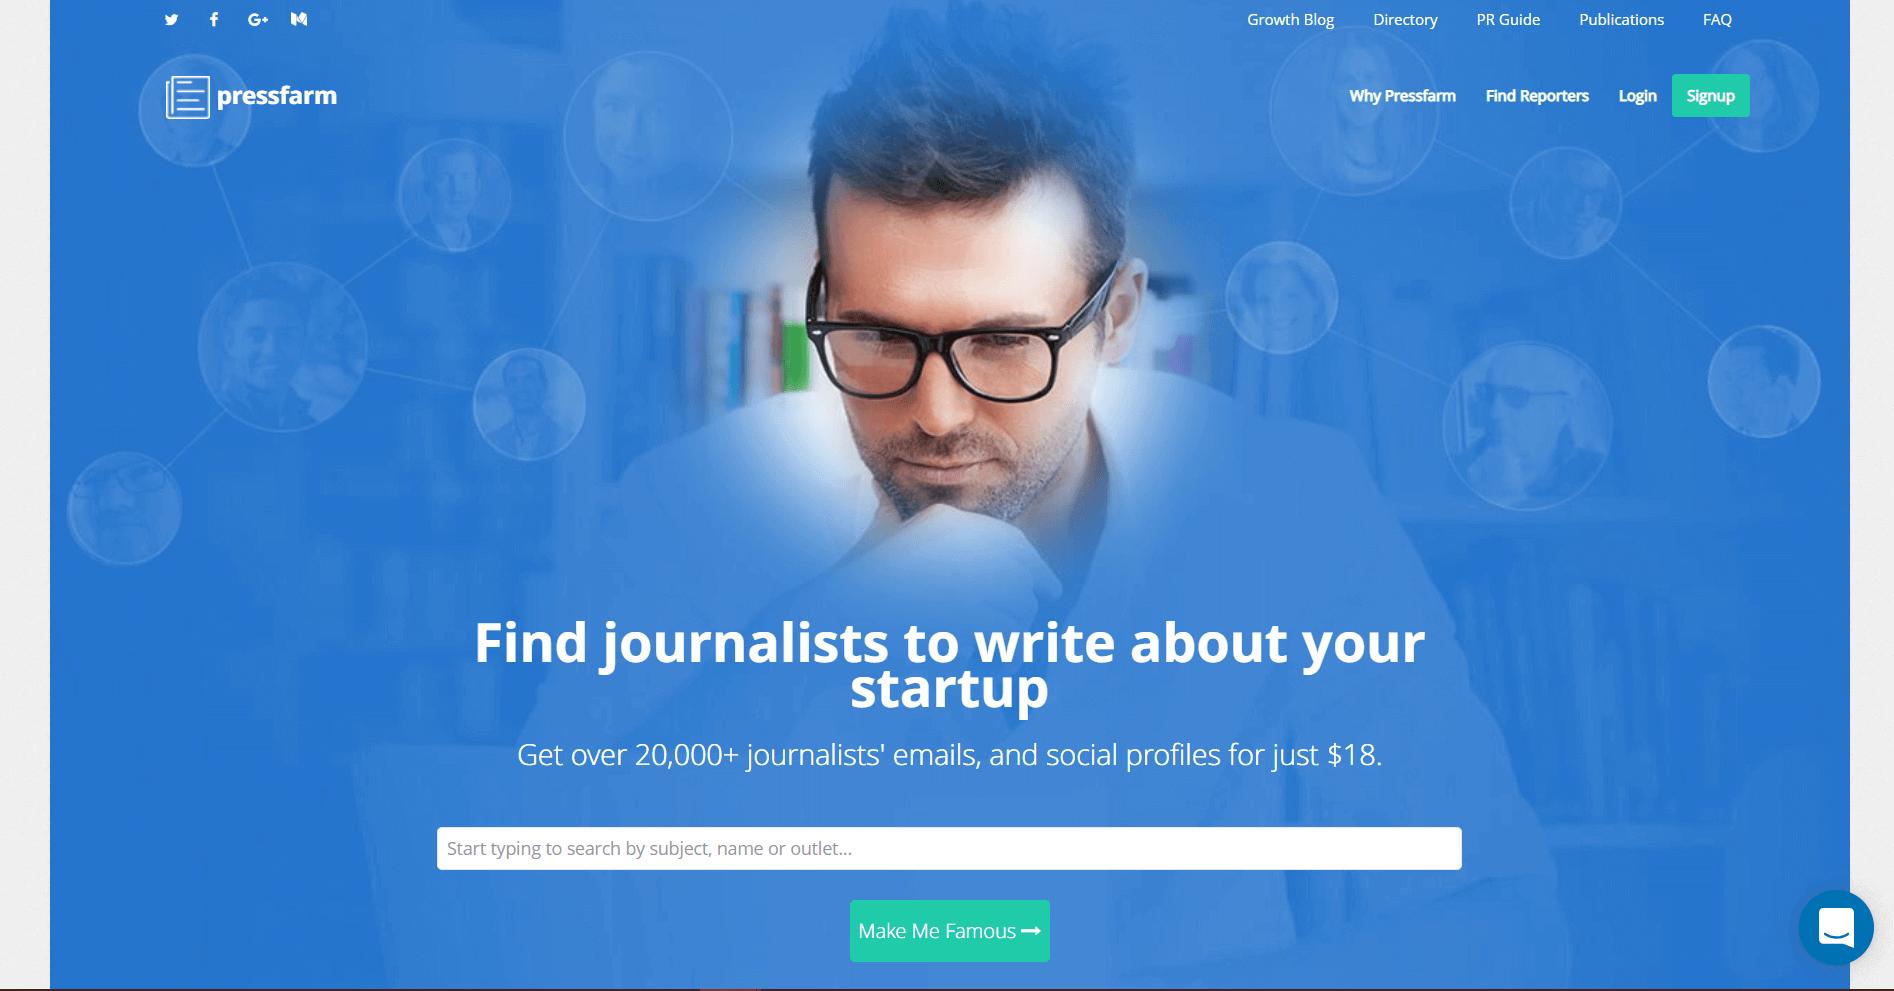 Pressfarm Blogger Outreach Tools